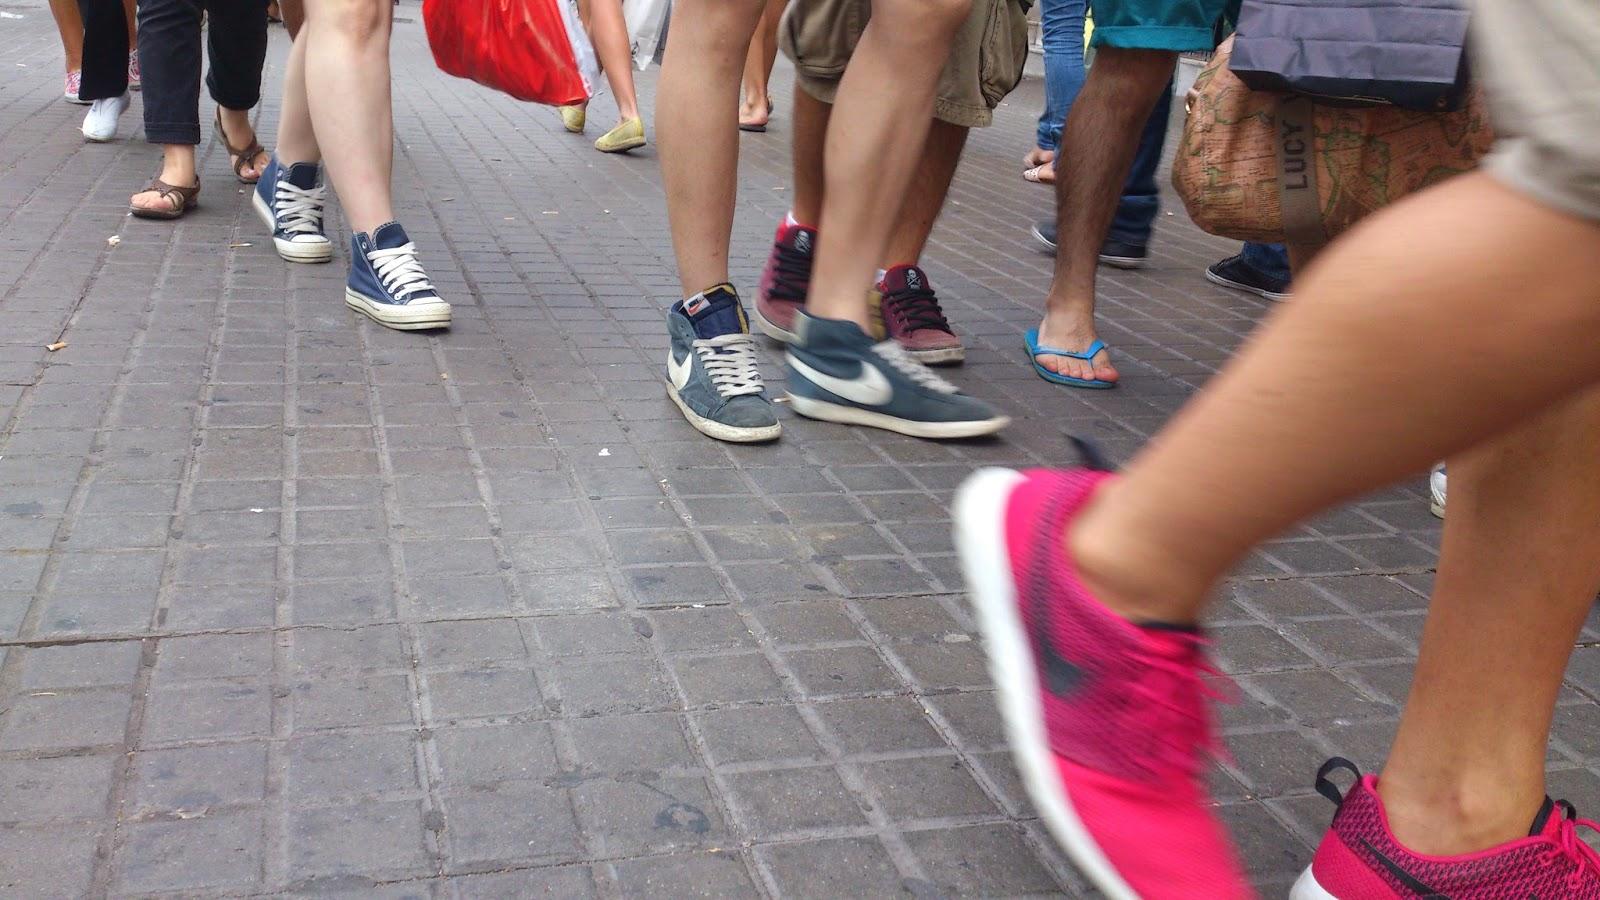 esquina Rambla de Barcelona / Calle Pelayo es alucinante